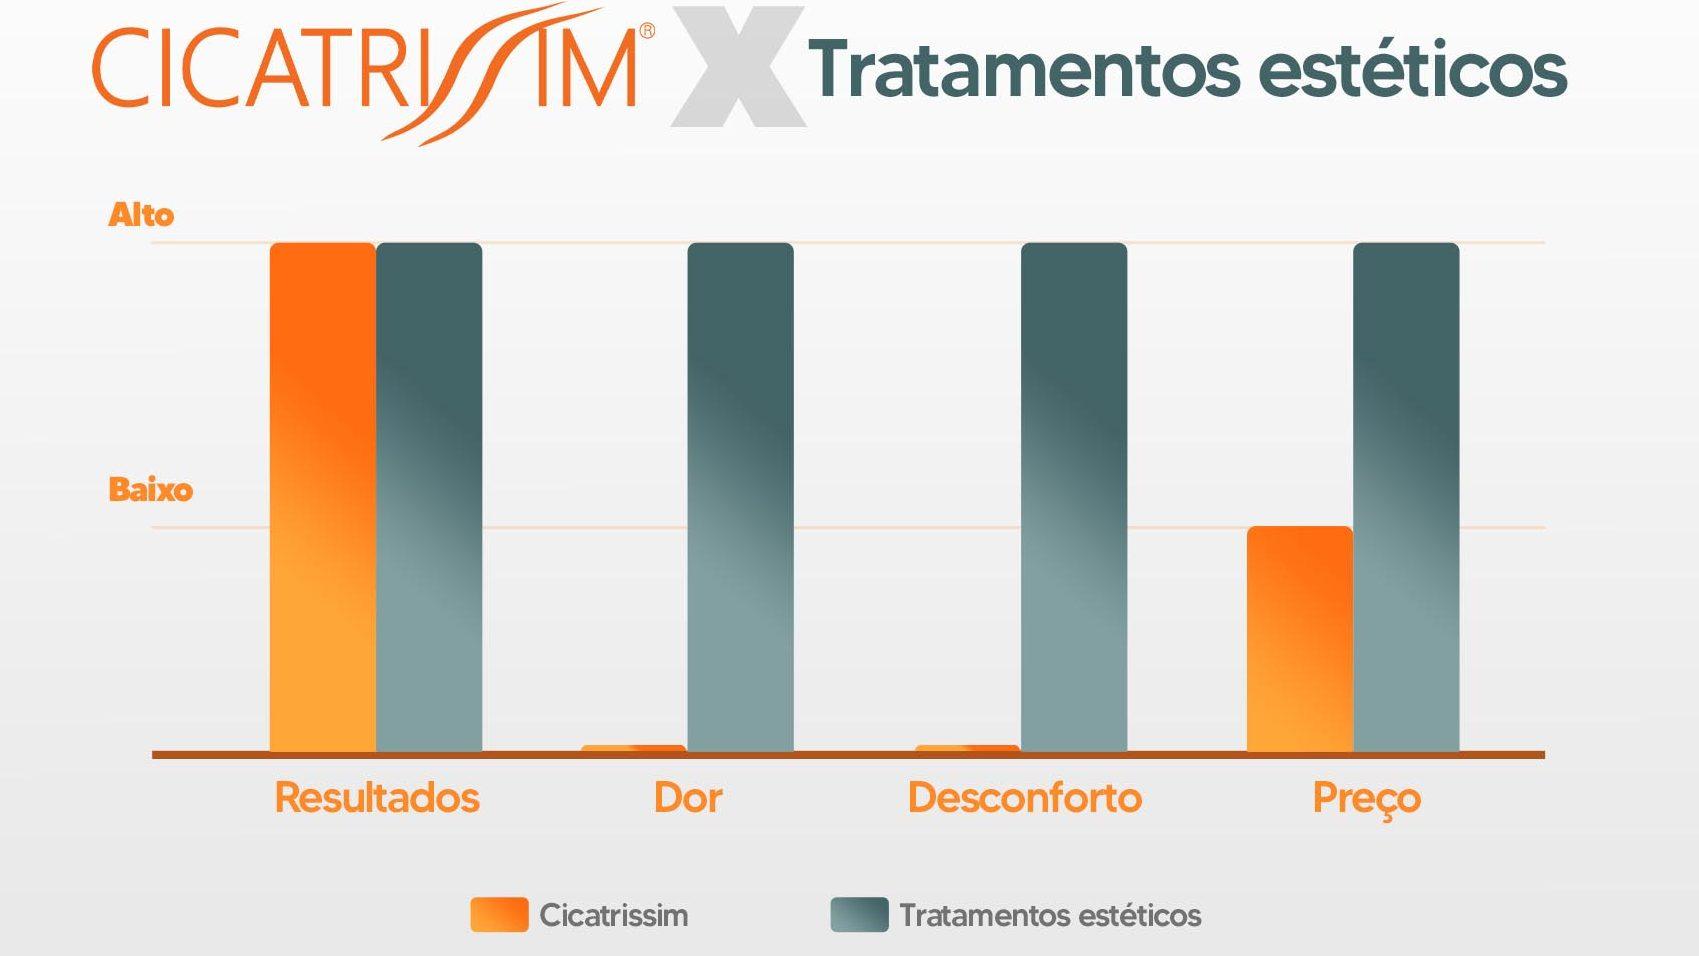 Infográfico Creme CicatriSSim X Tratamentos Estéticos